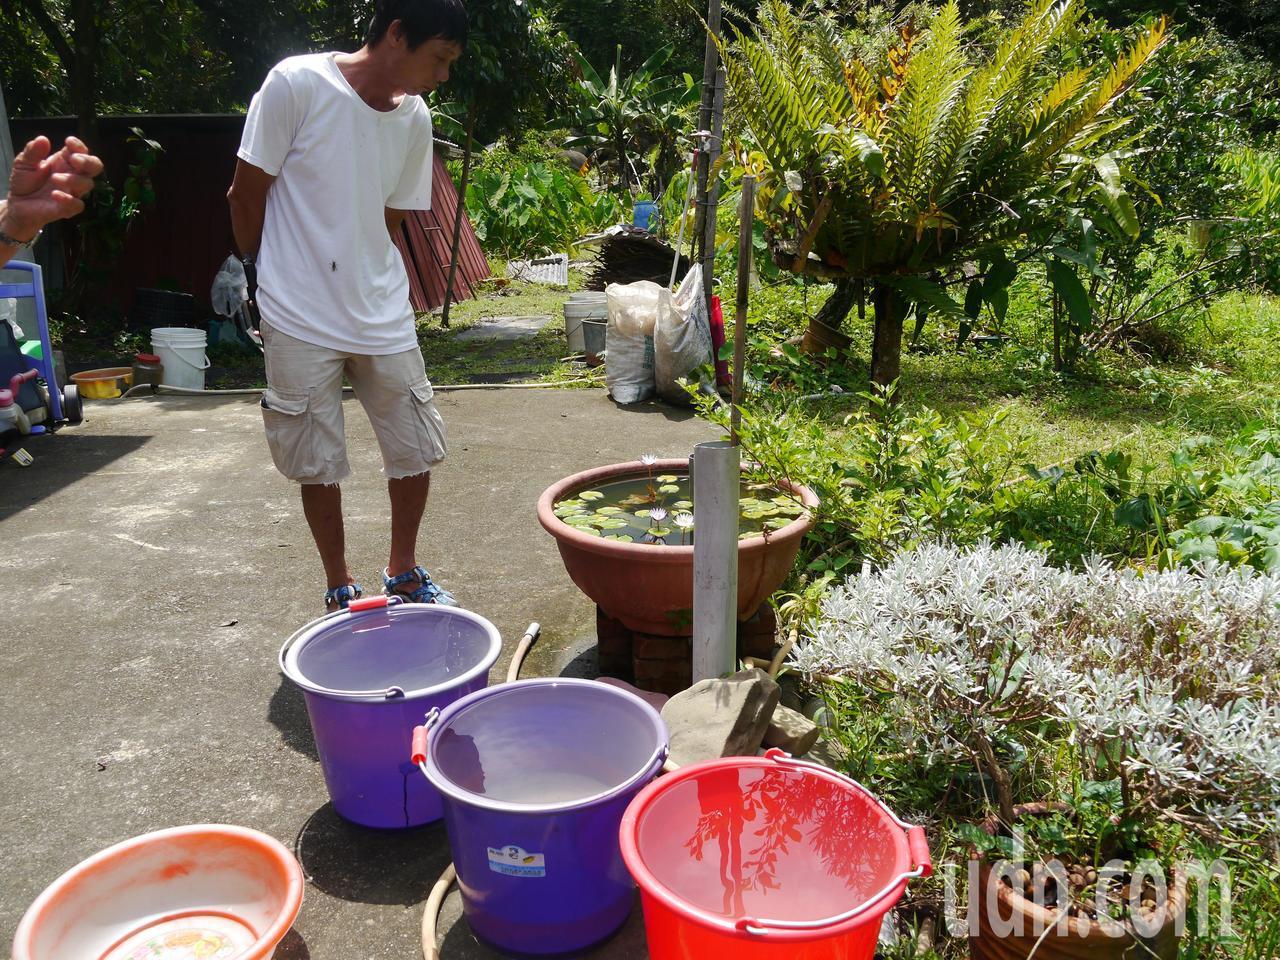 甲仙居民無自來水可用,庭院放滿收集雨水的水桶。記者徐白櫻/攝影